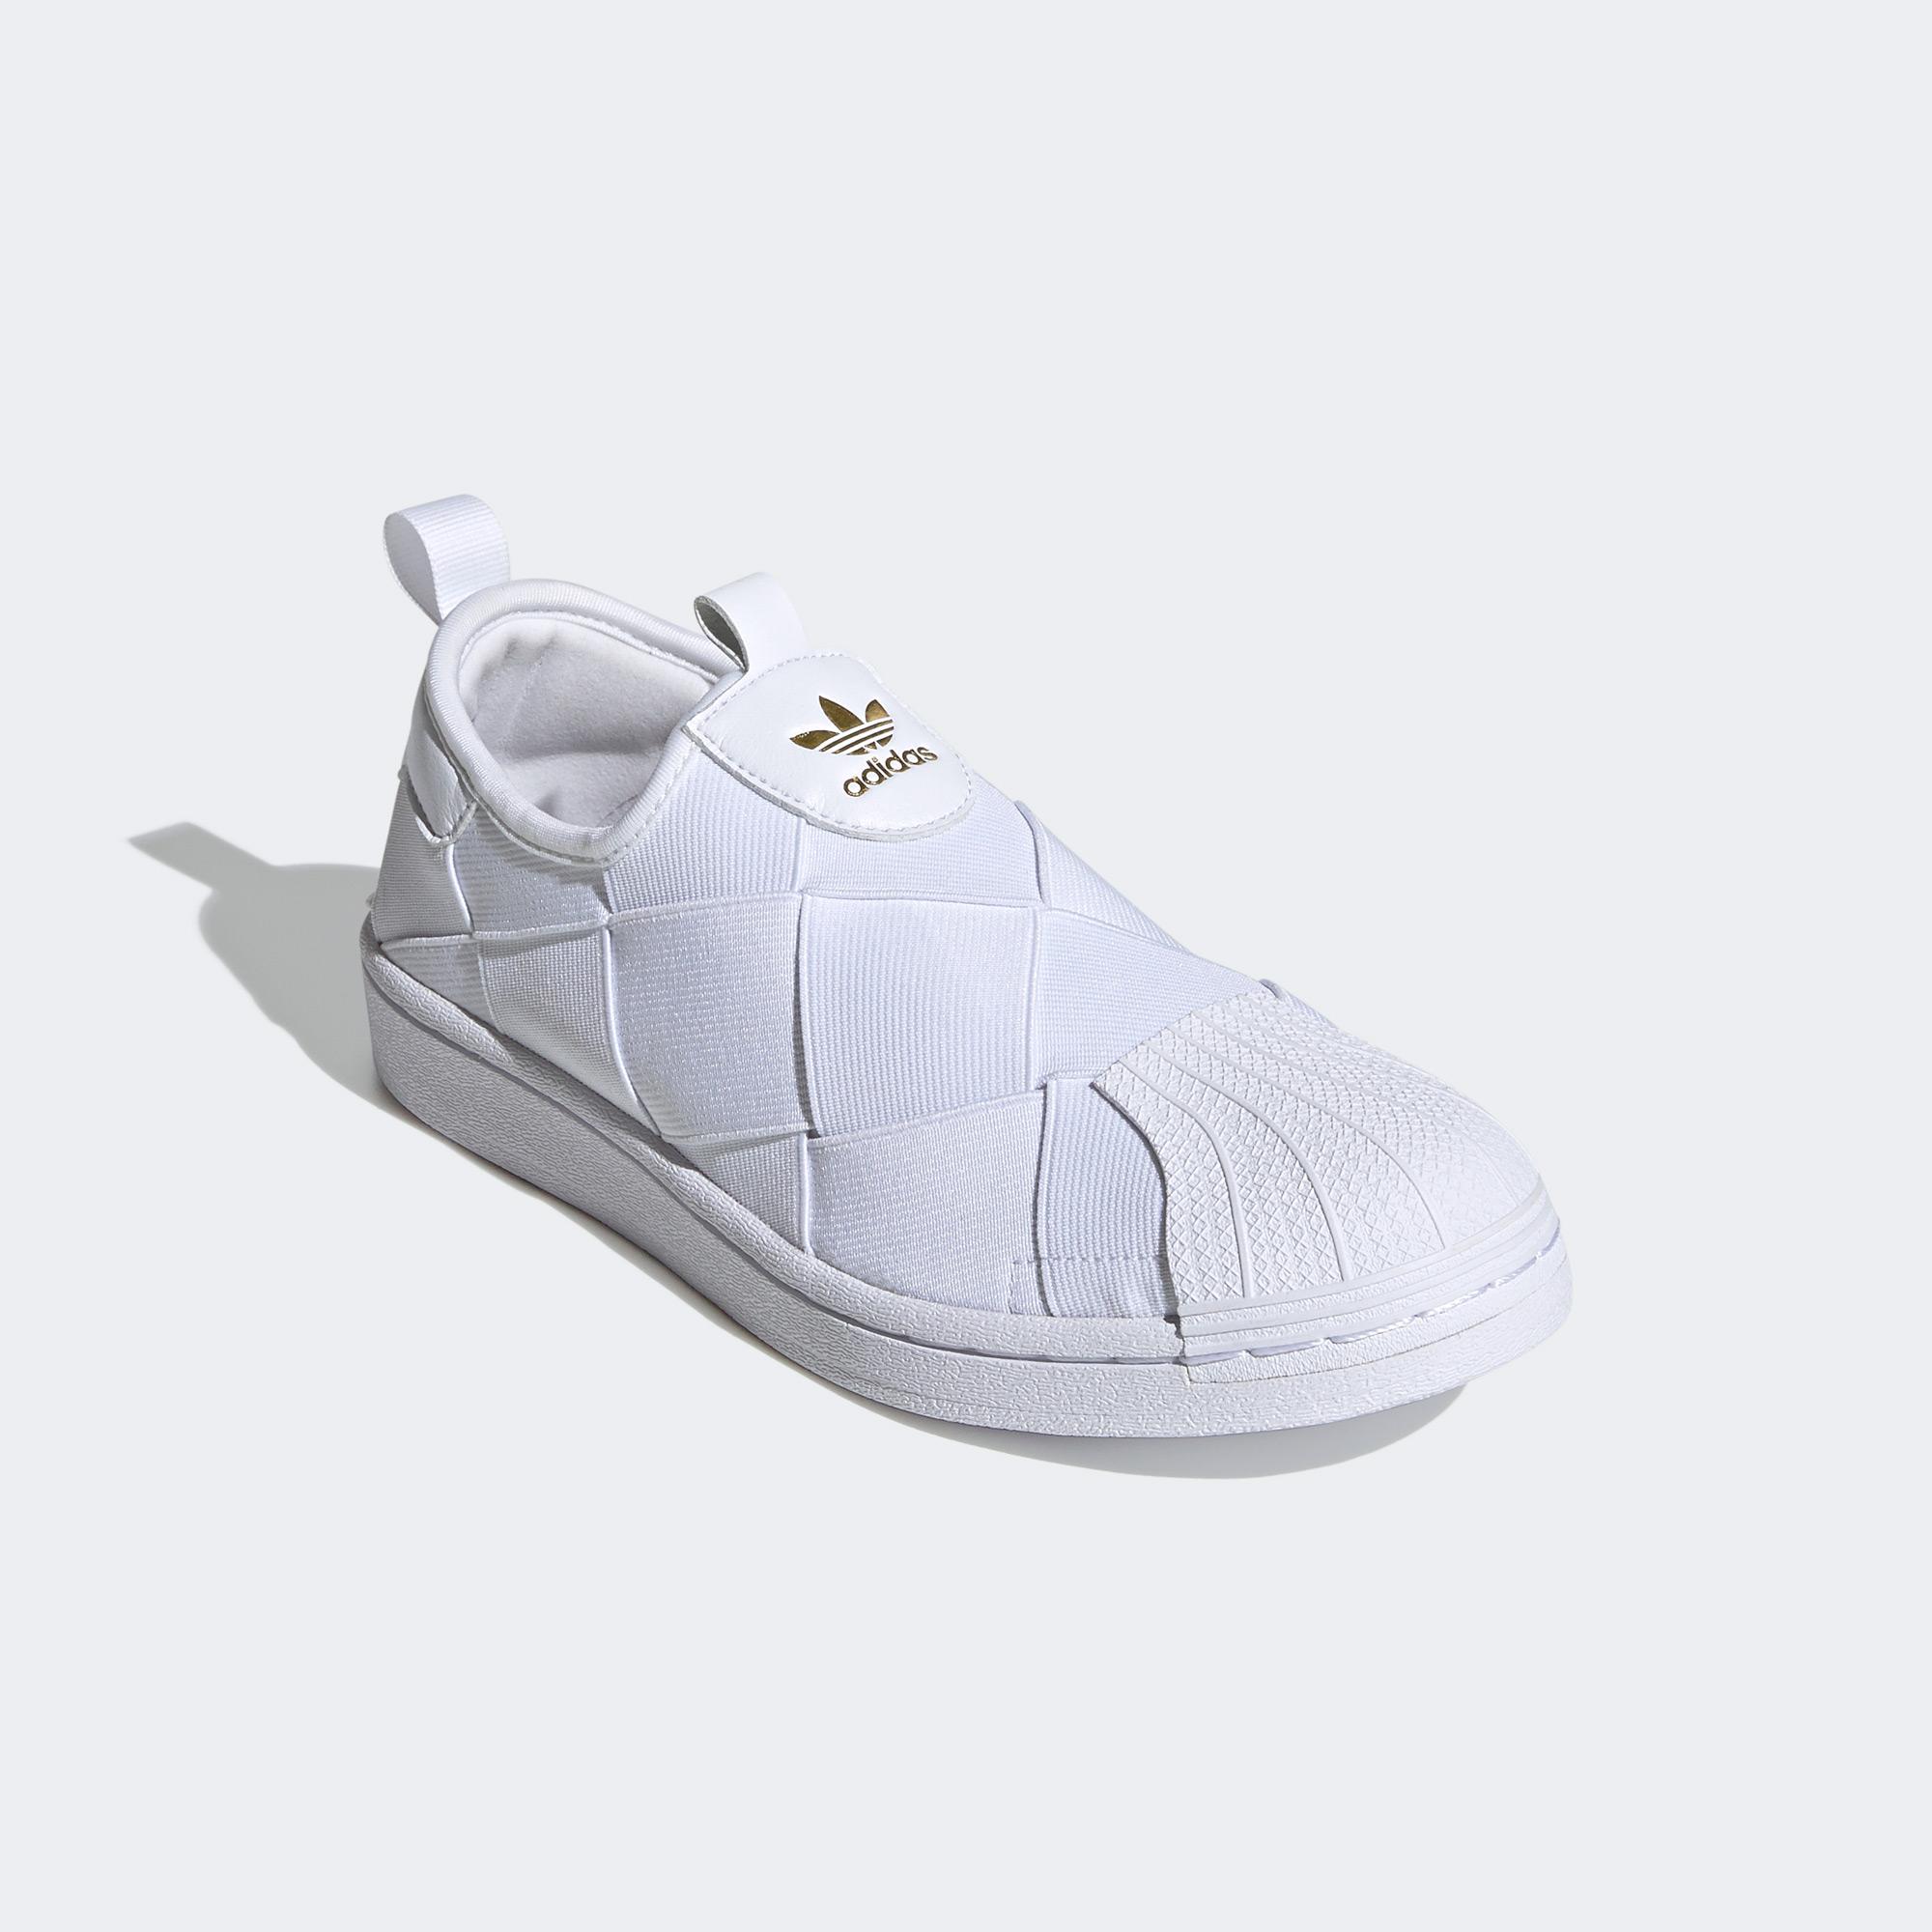 adidas Superstar Slip On Kadın Beyaz Spor Ayakkabı